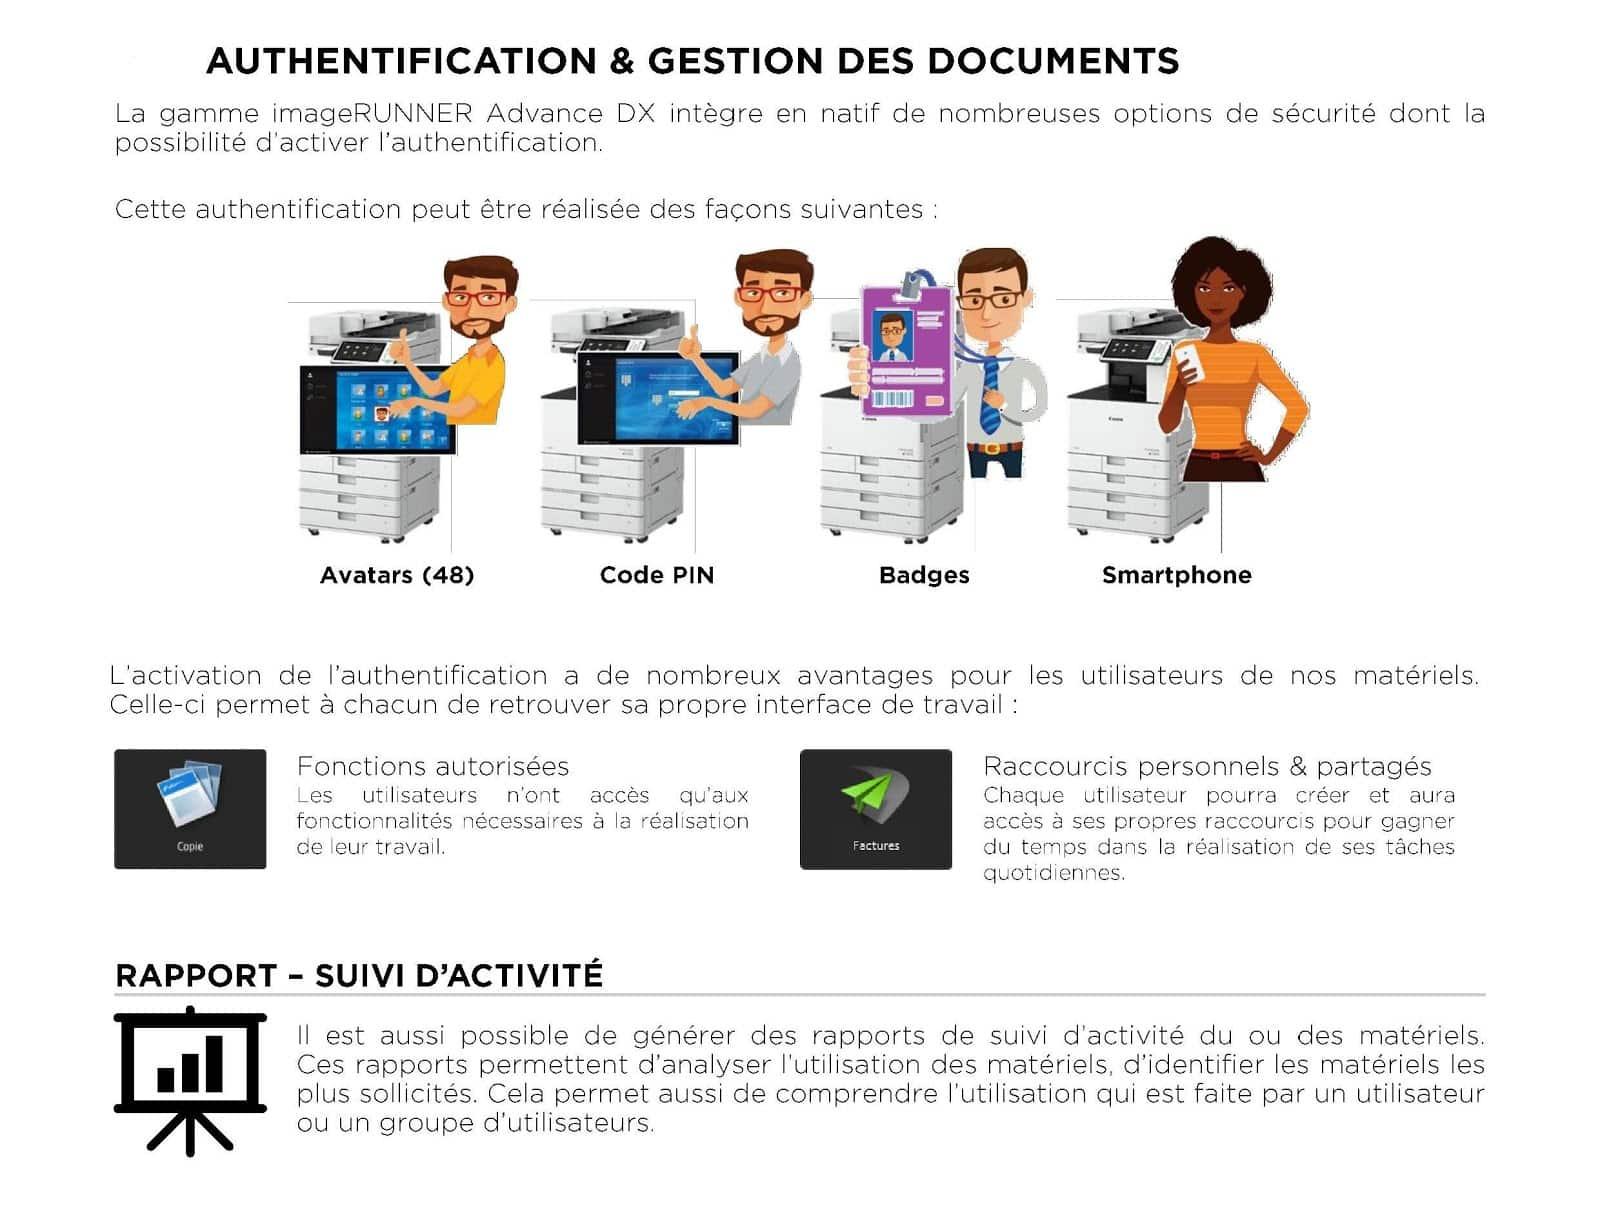 hexacom-impression-gamme-dx-authentification-gesztion-des-documents